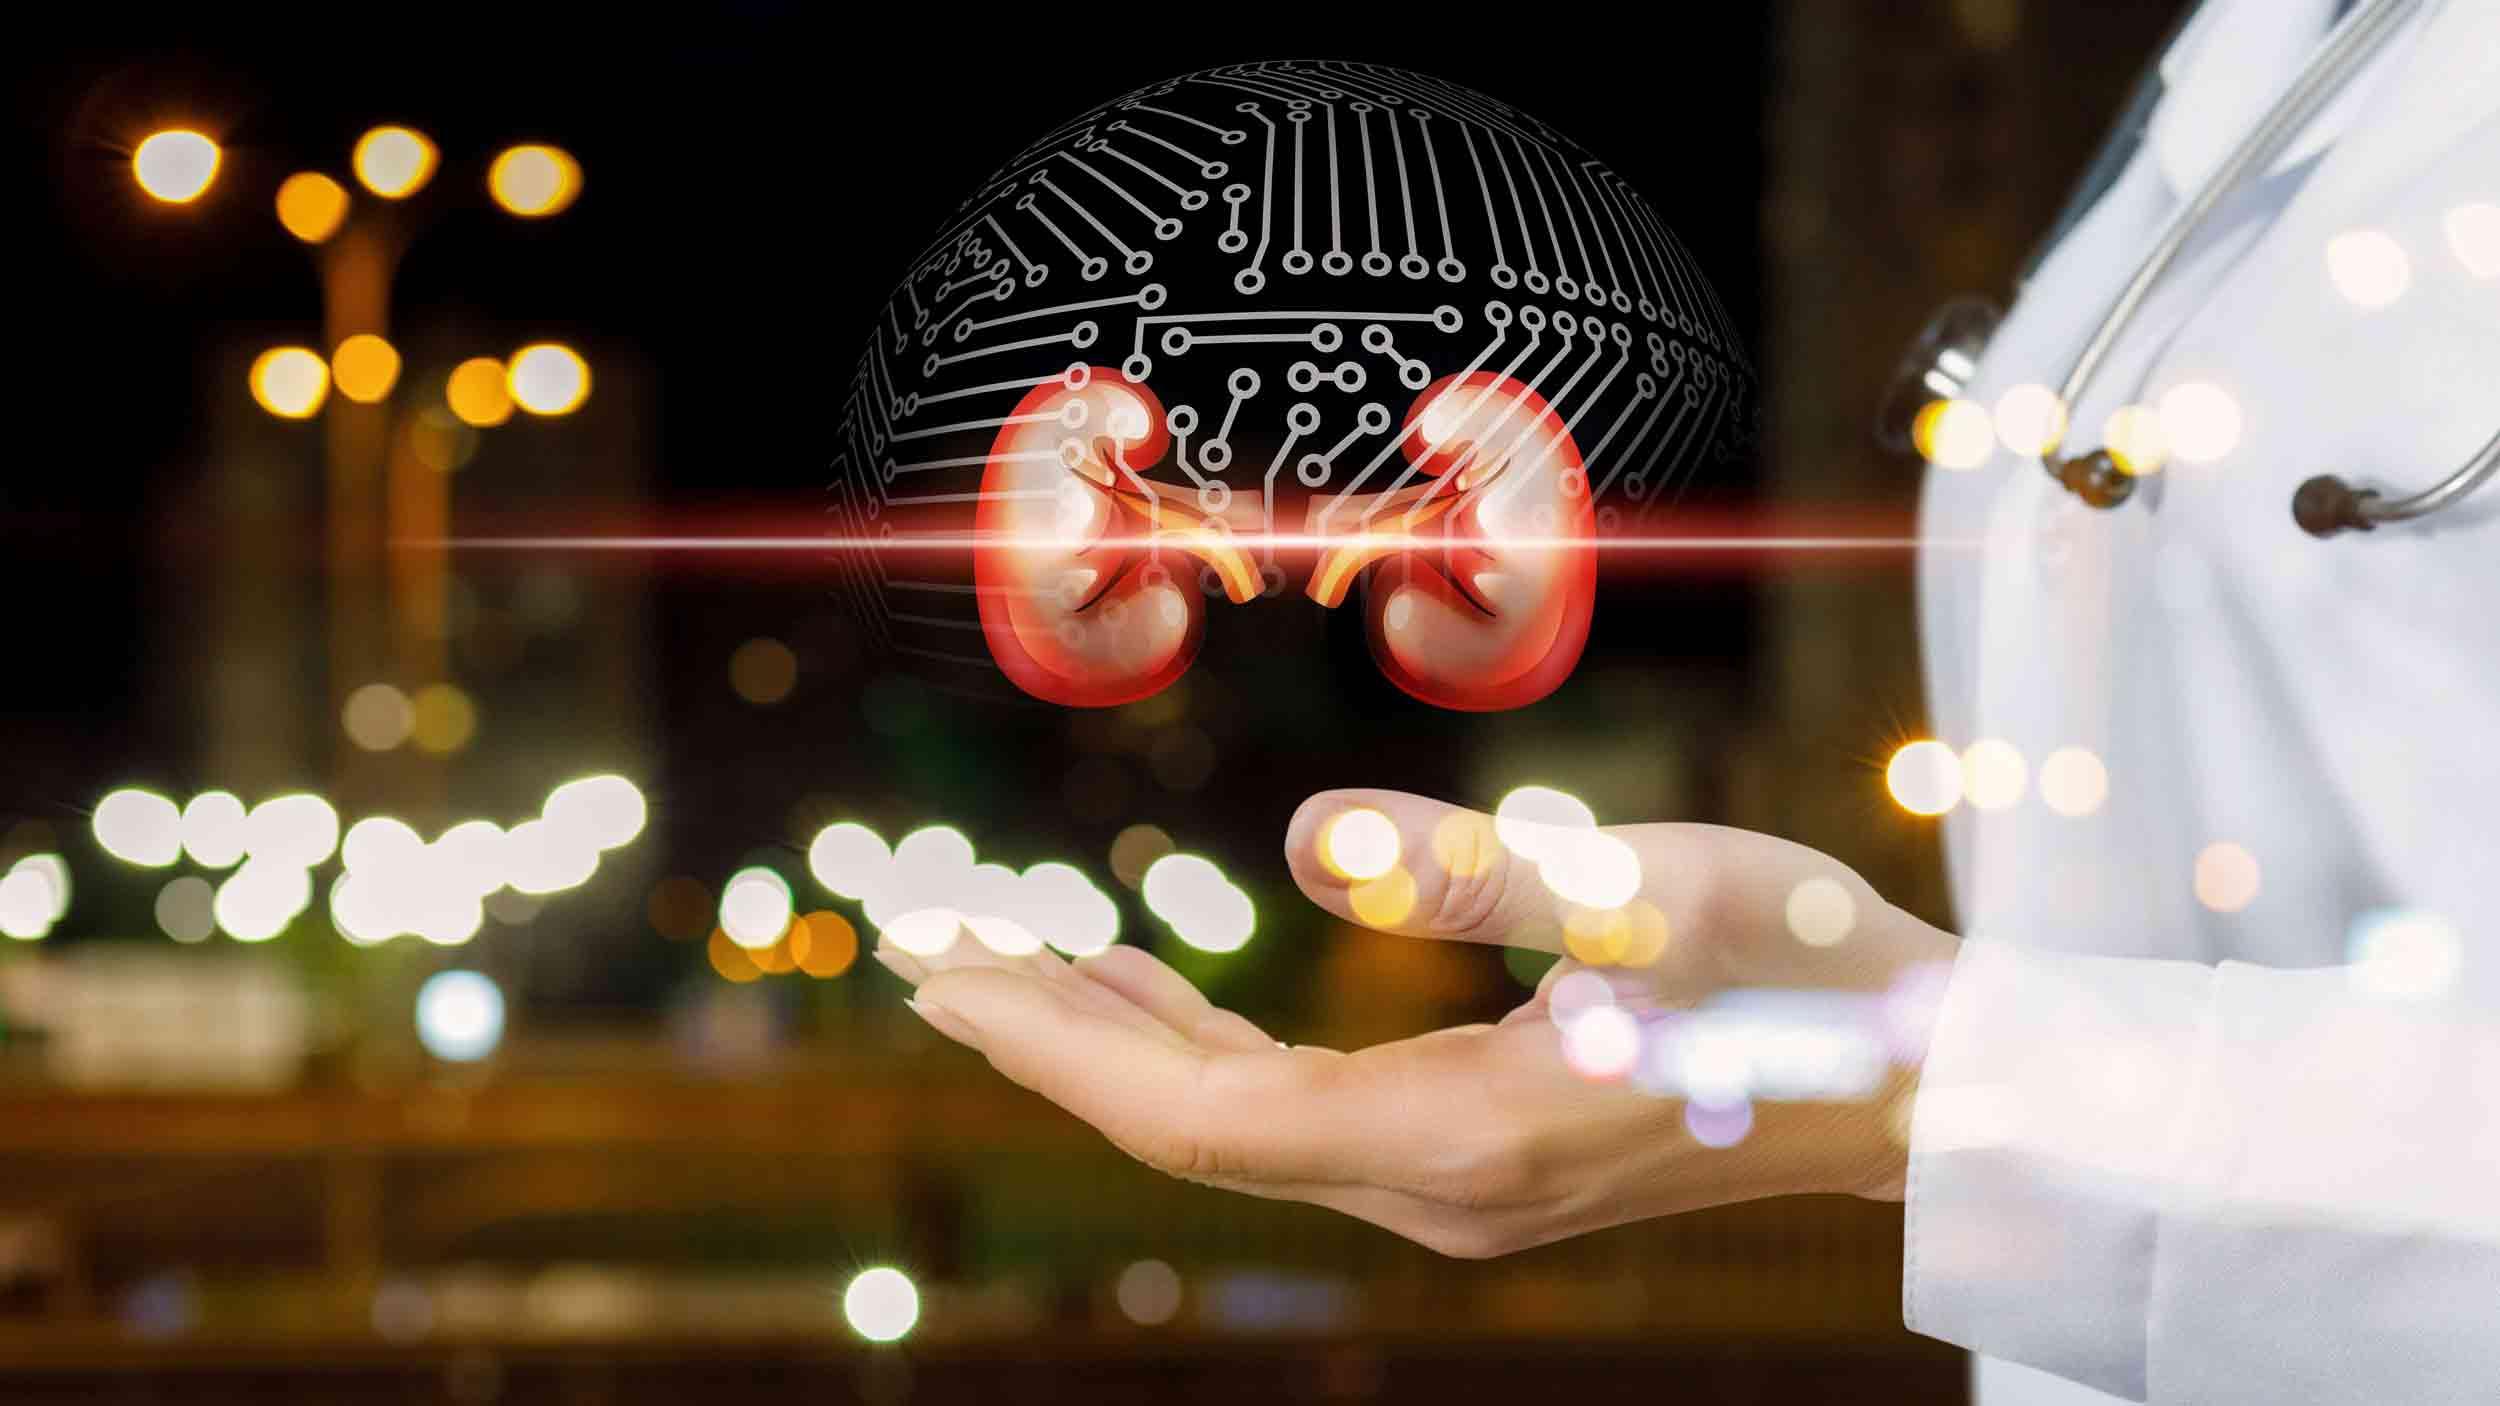 Hologram Gehirn schwebt über Hand Arztkittel